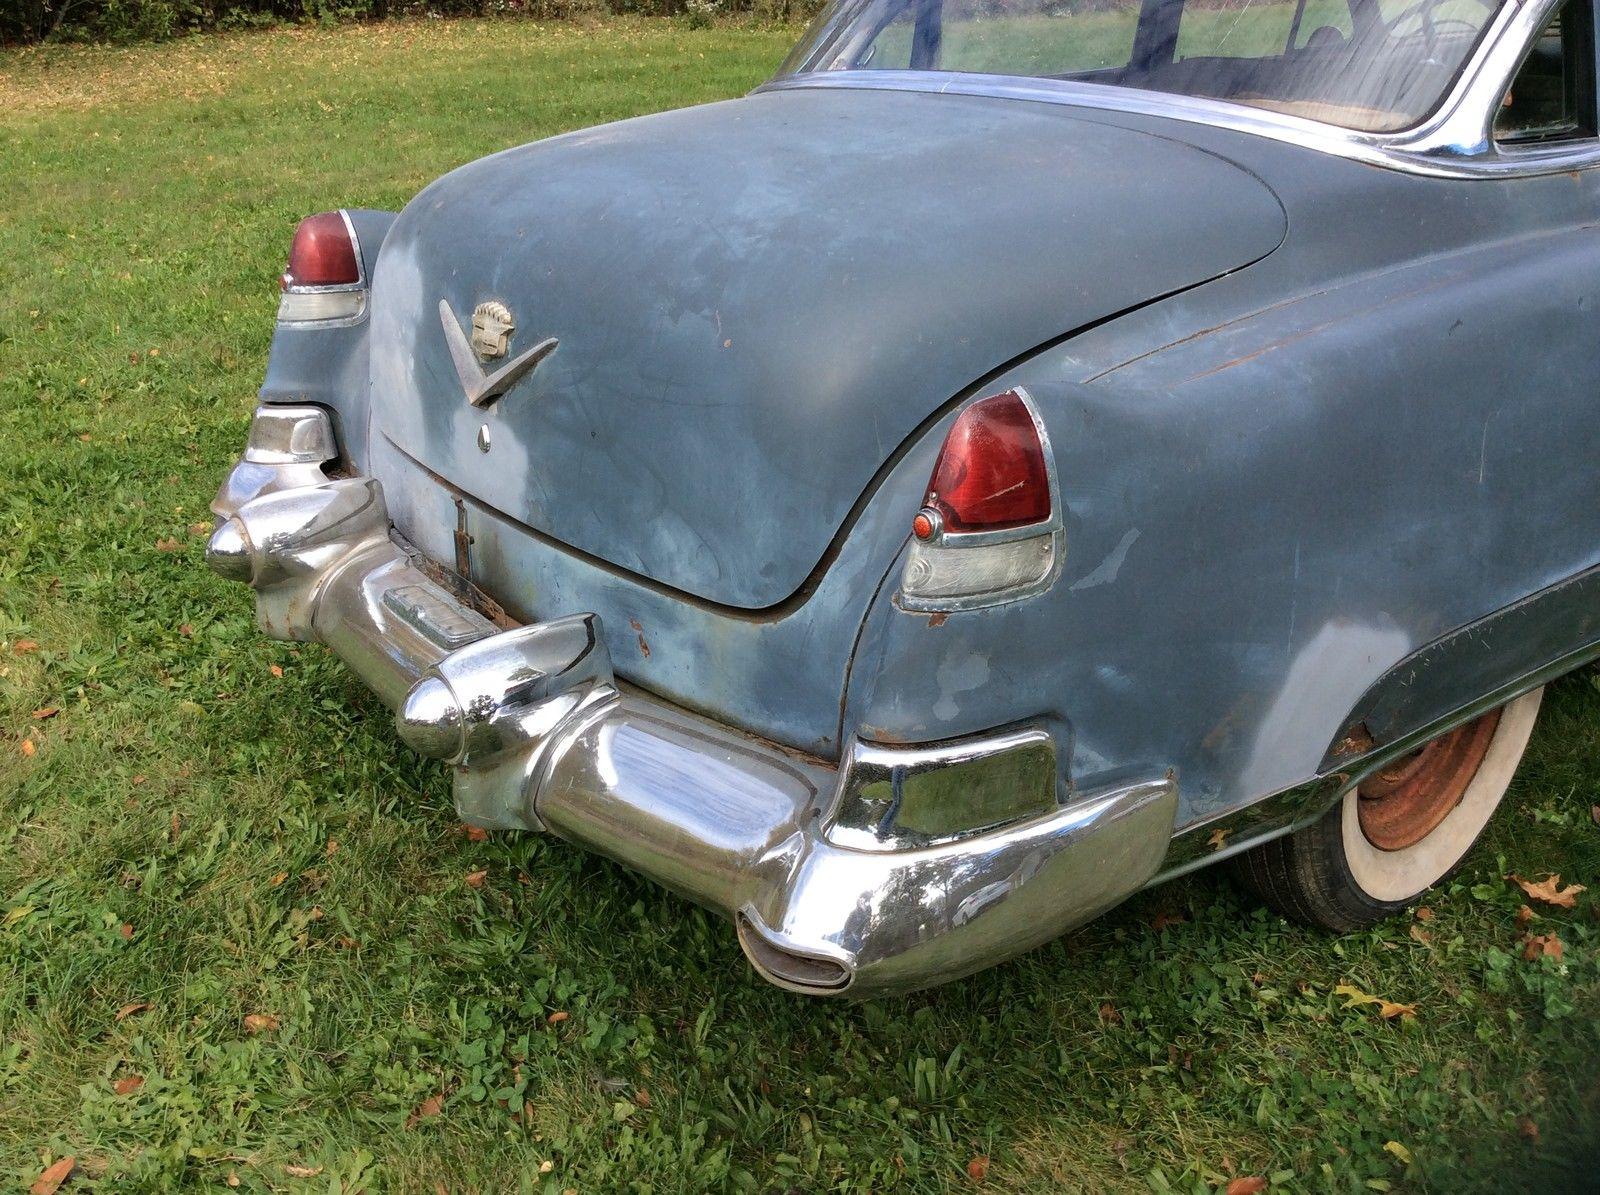 1953 Cadillac Sedan Deville Parts Car Nice Complete Original 0 No 1951 Prevnext